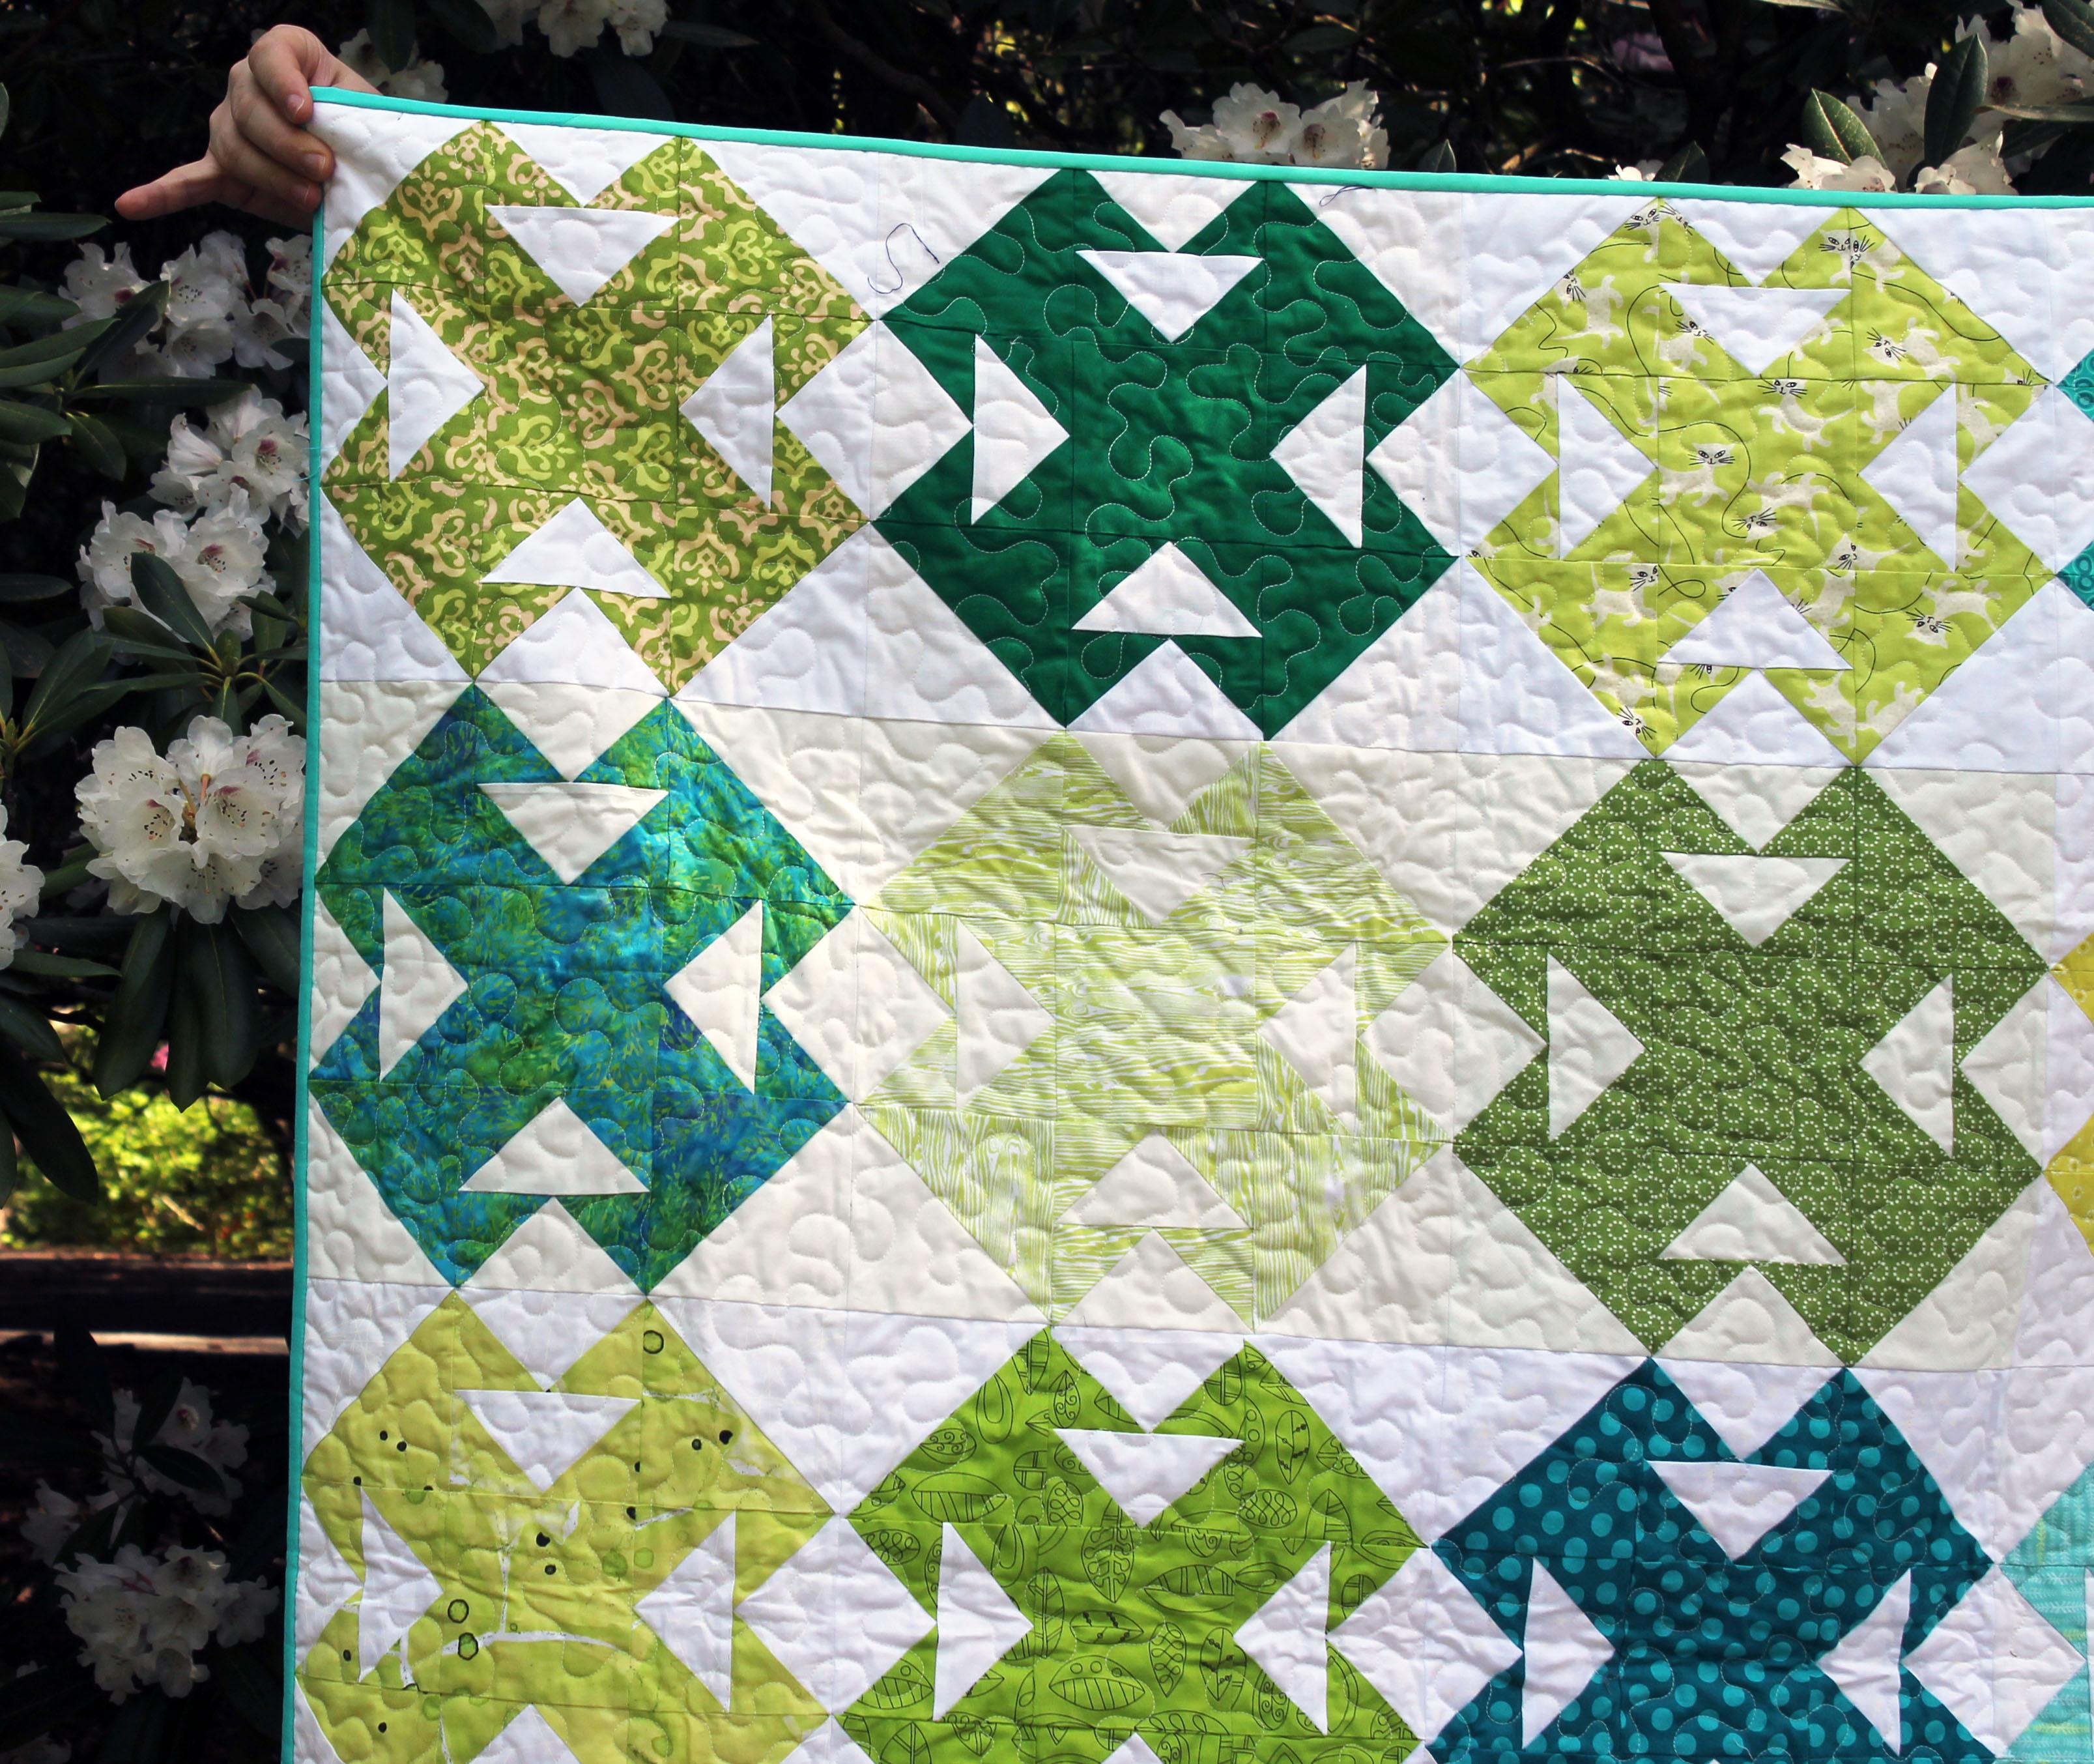 green quilt detail 2